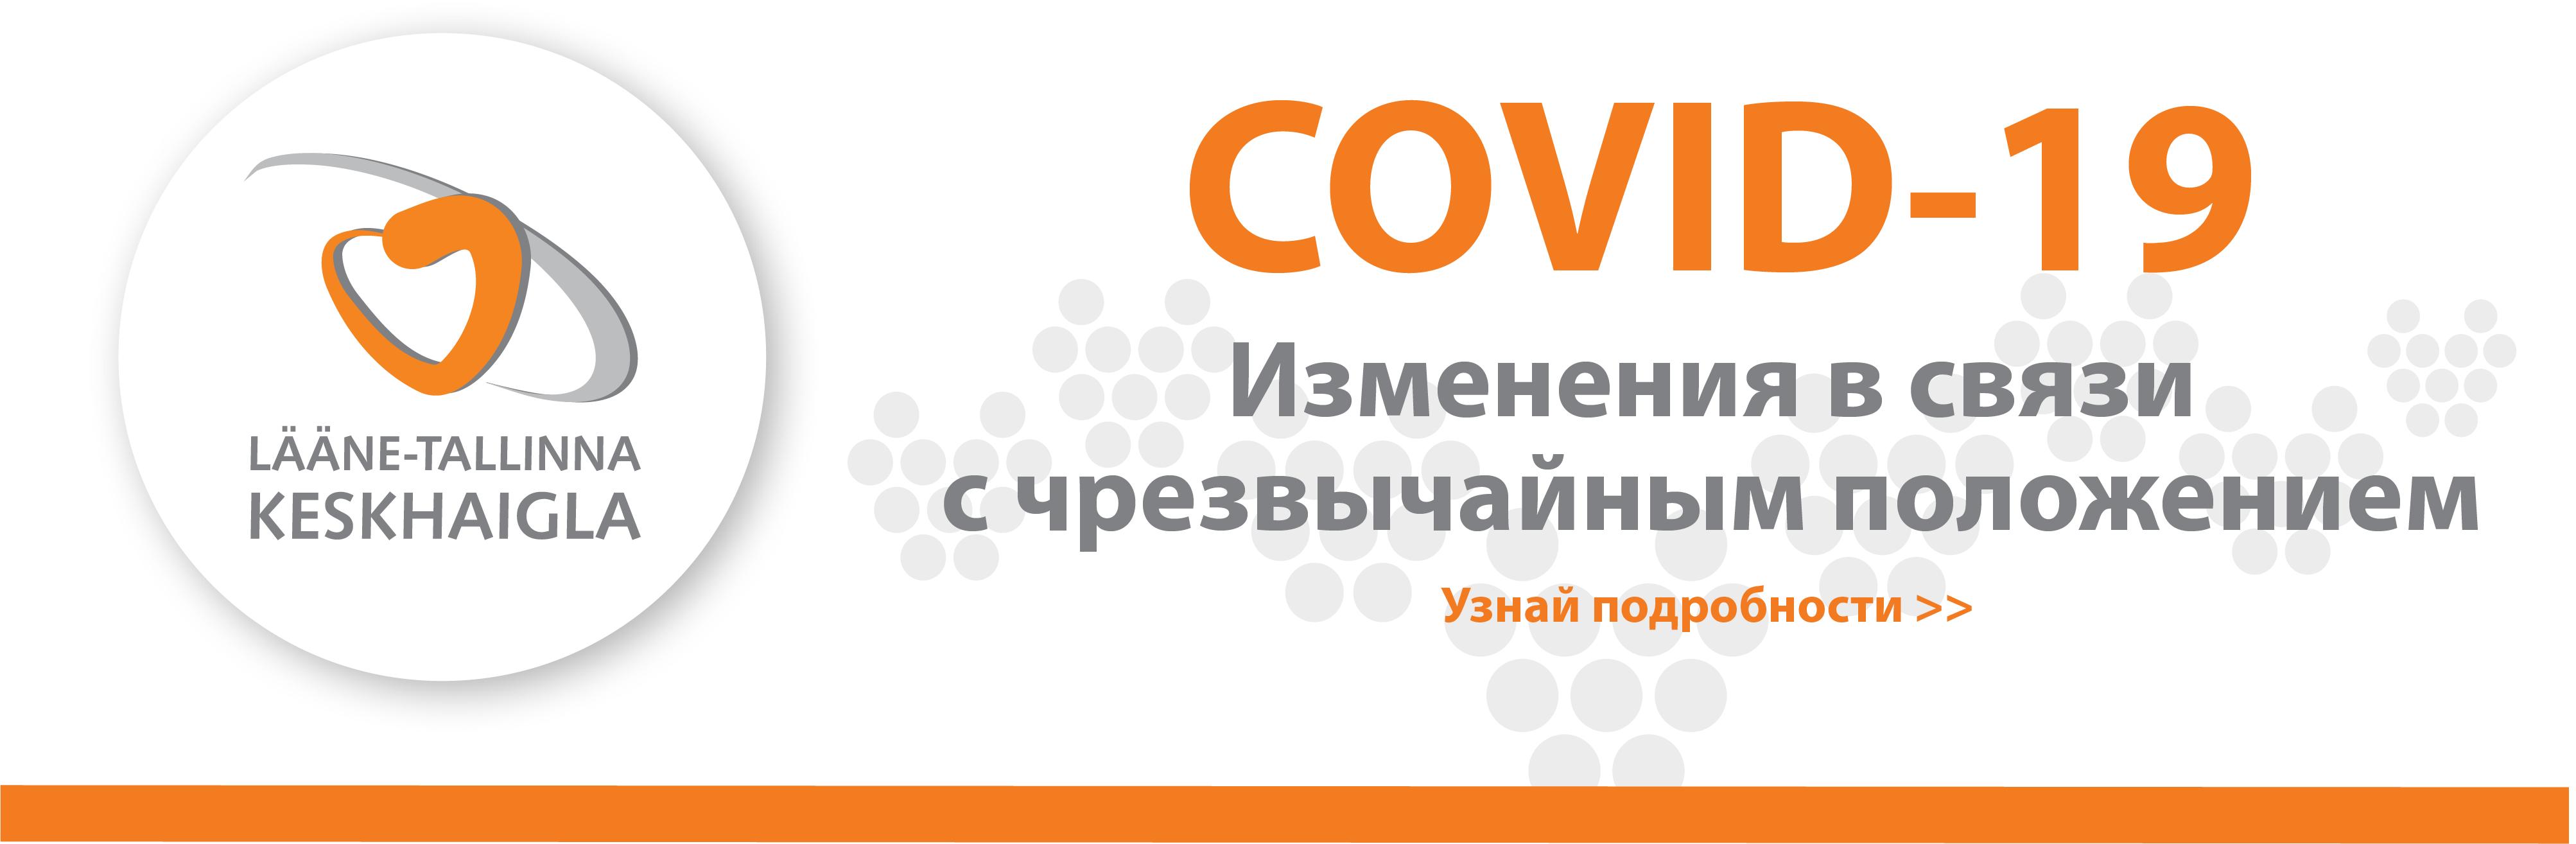 slider_covid-19-keskhaigla-RUS